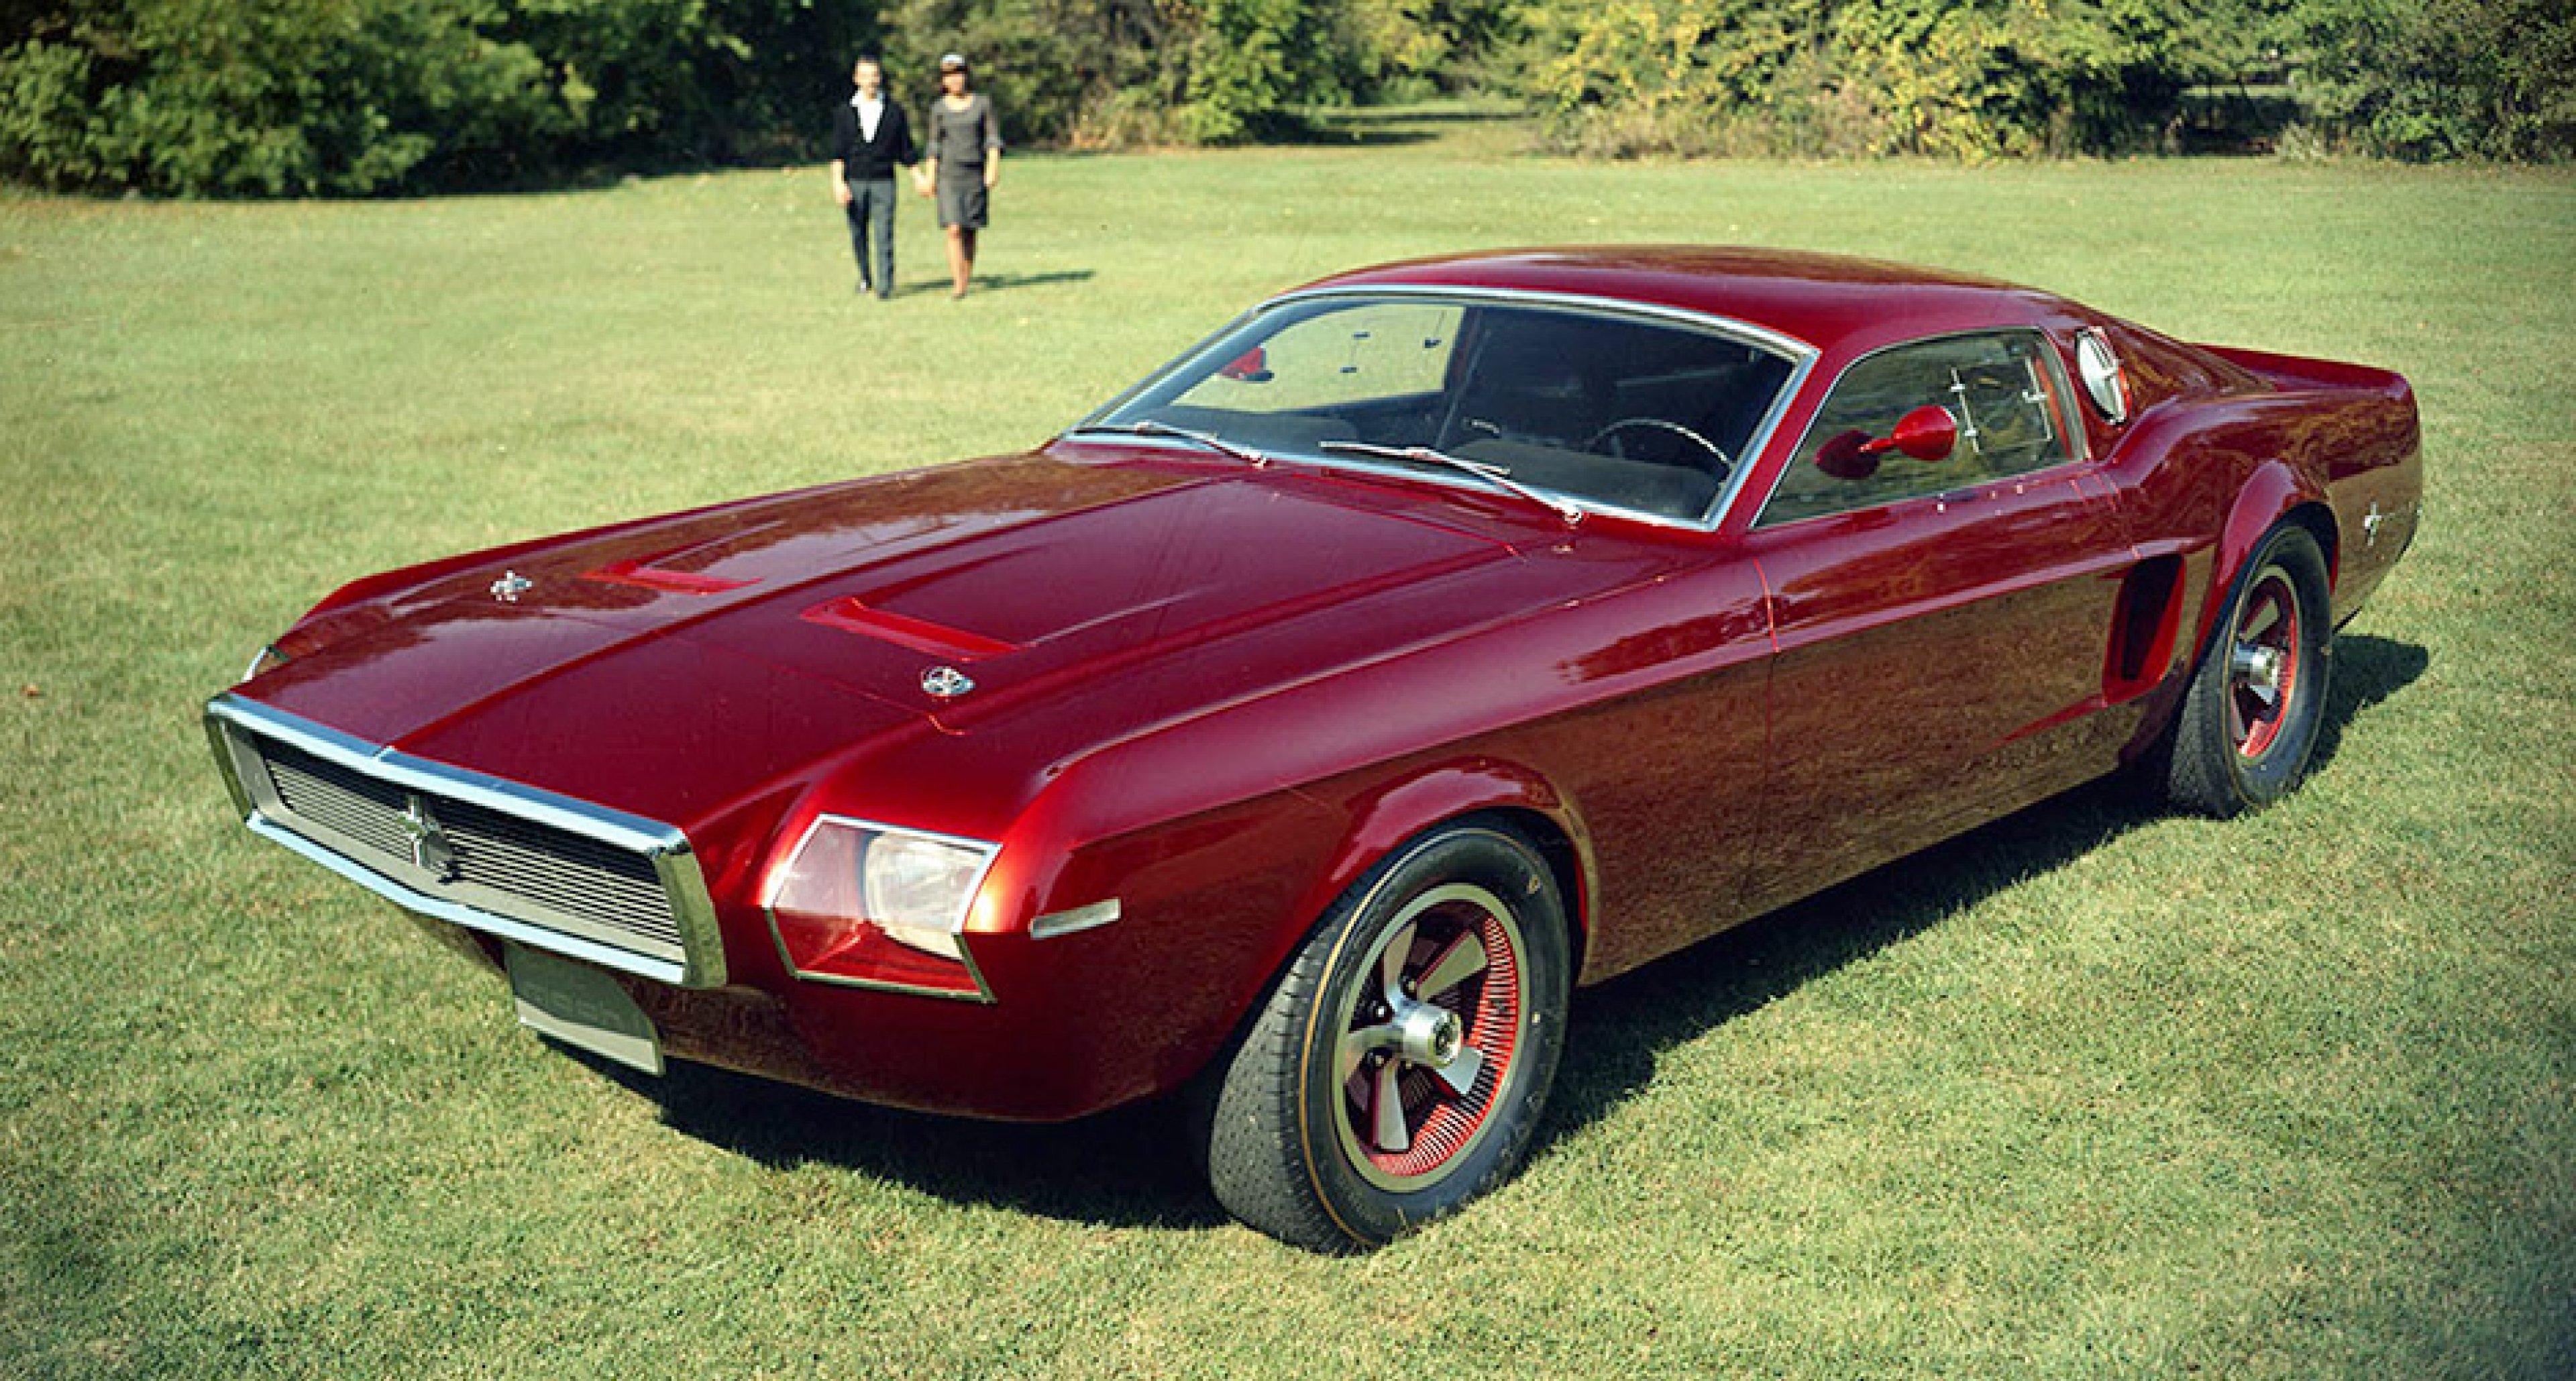 1966 Mach 1 Concept